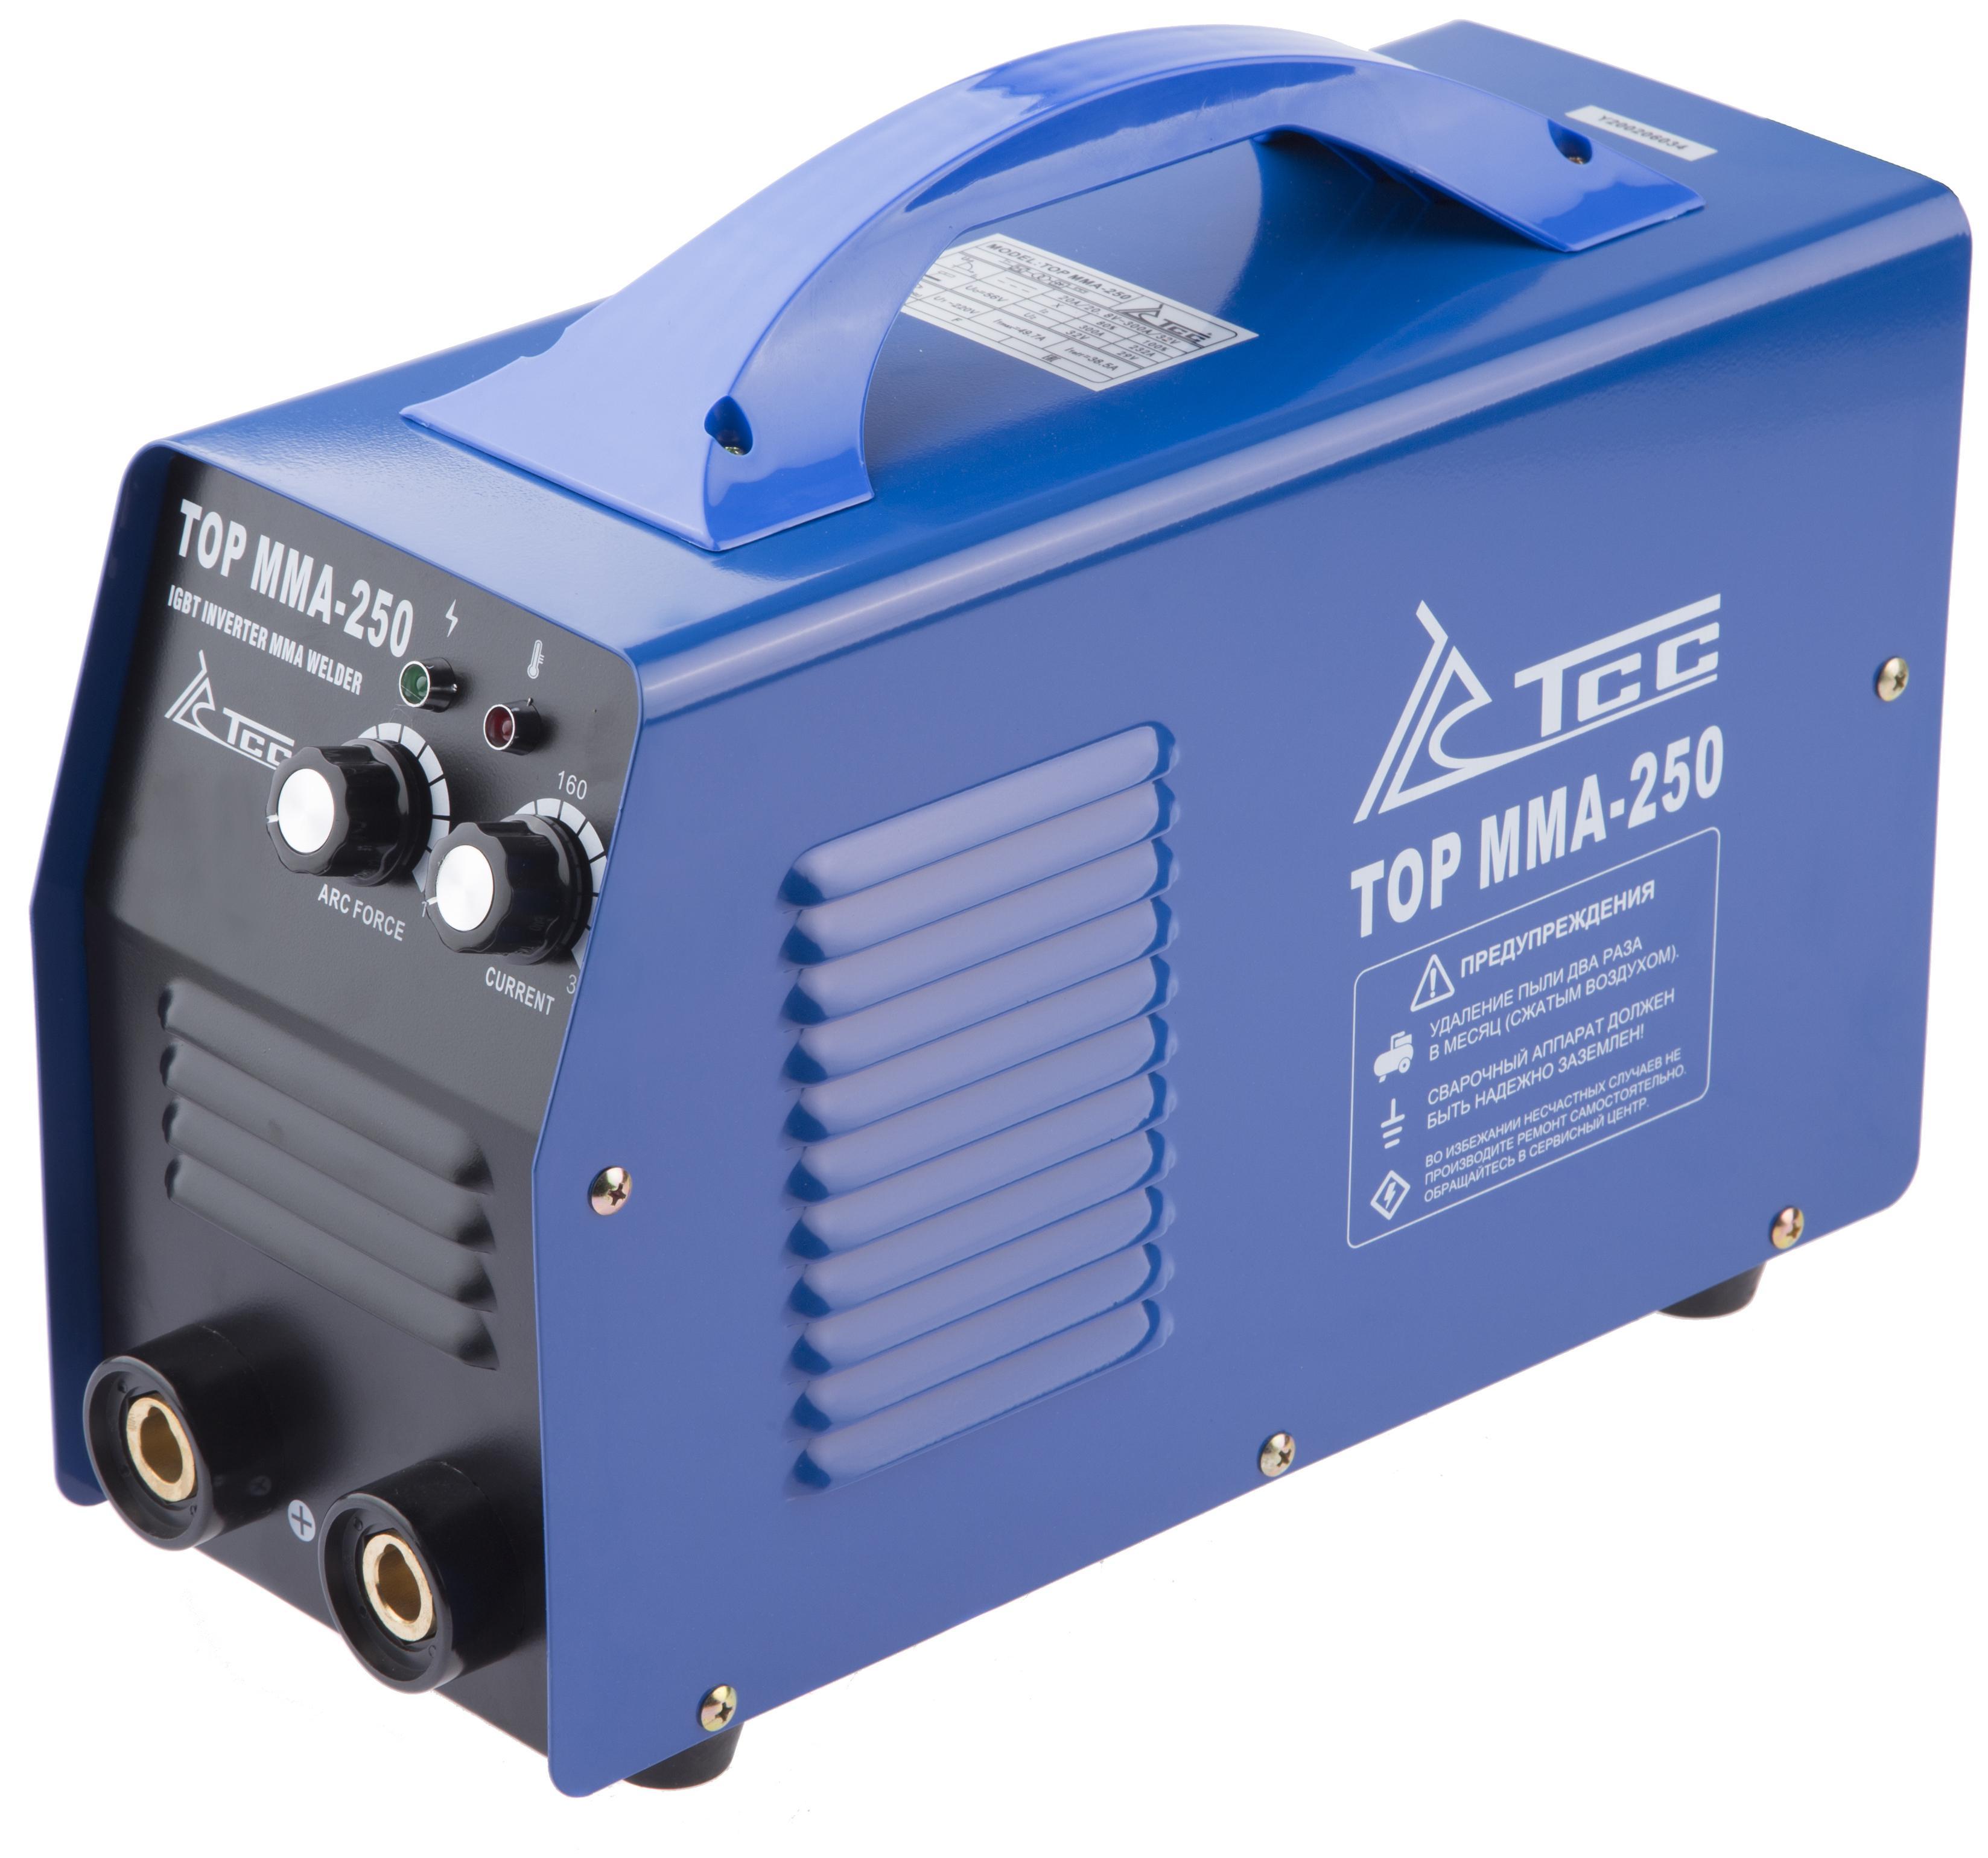 Сварочный аппарат ТСС Top mma-250